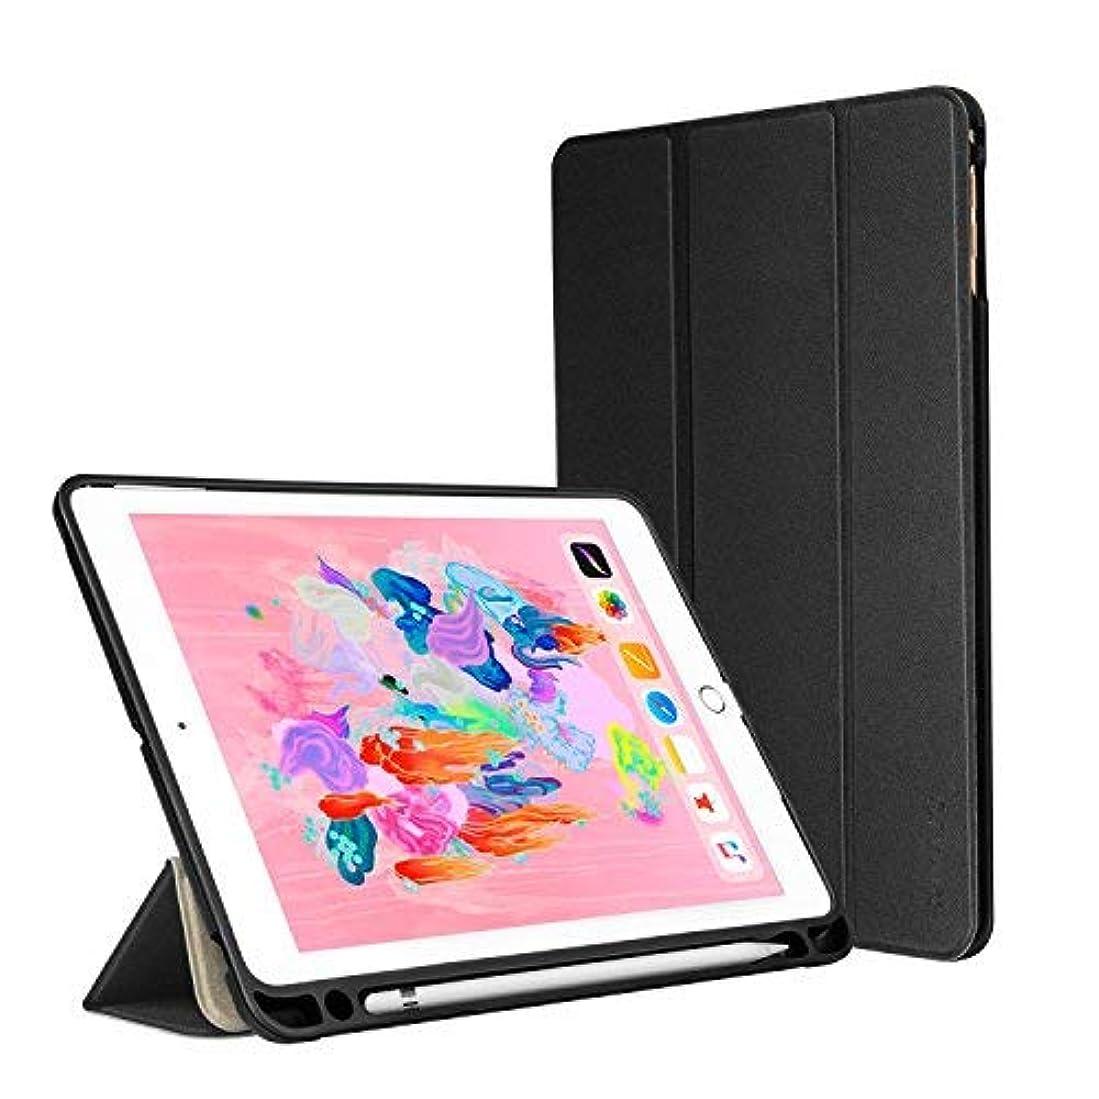 剣栄光のミネラルNimaso iPad 9.7 2018/2017 ケース 薄型 三つ折スタンド オートスリープ機能 ペンホルダー付き キズ防止 スマートカバー(ブラック)